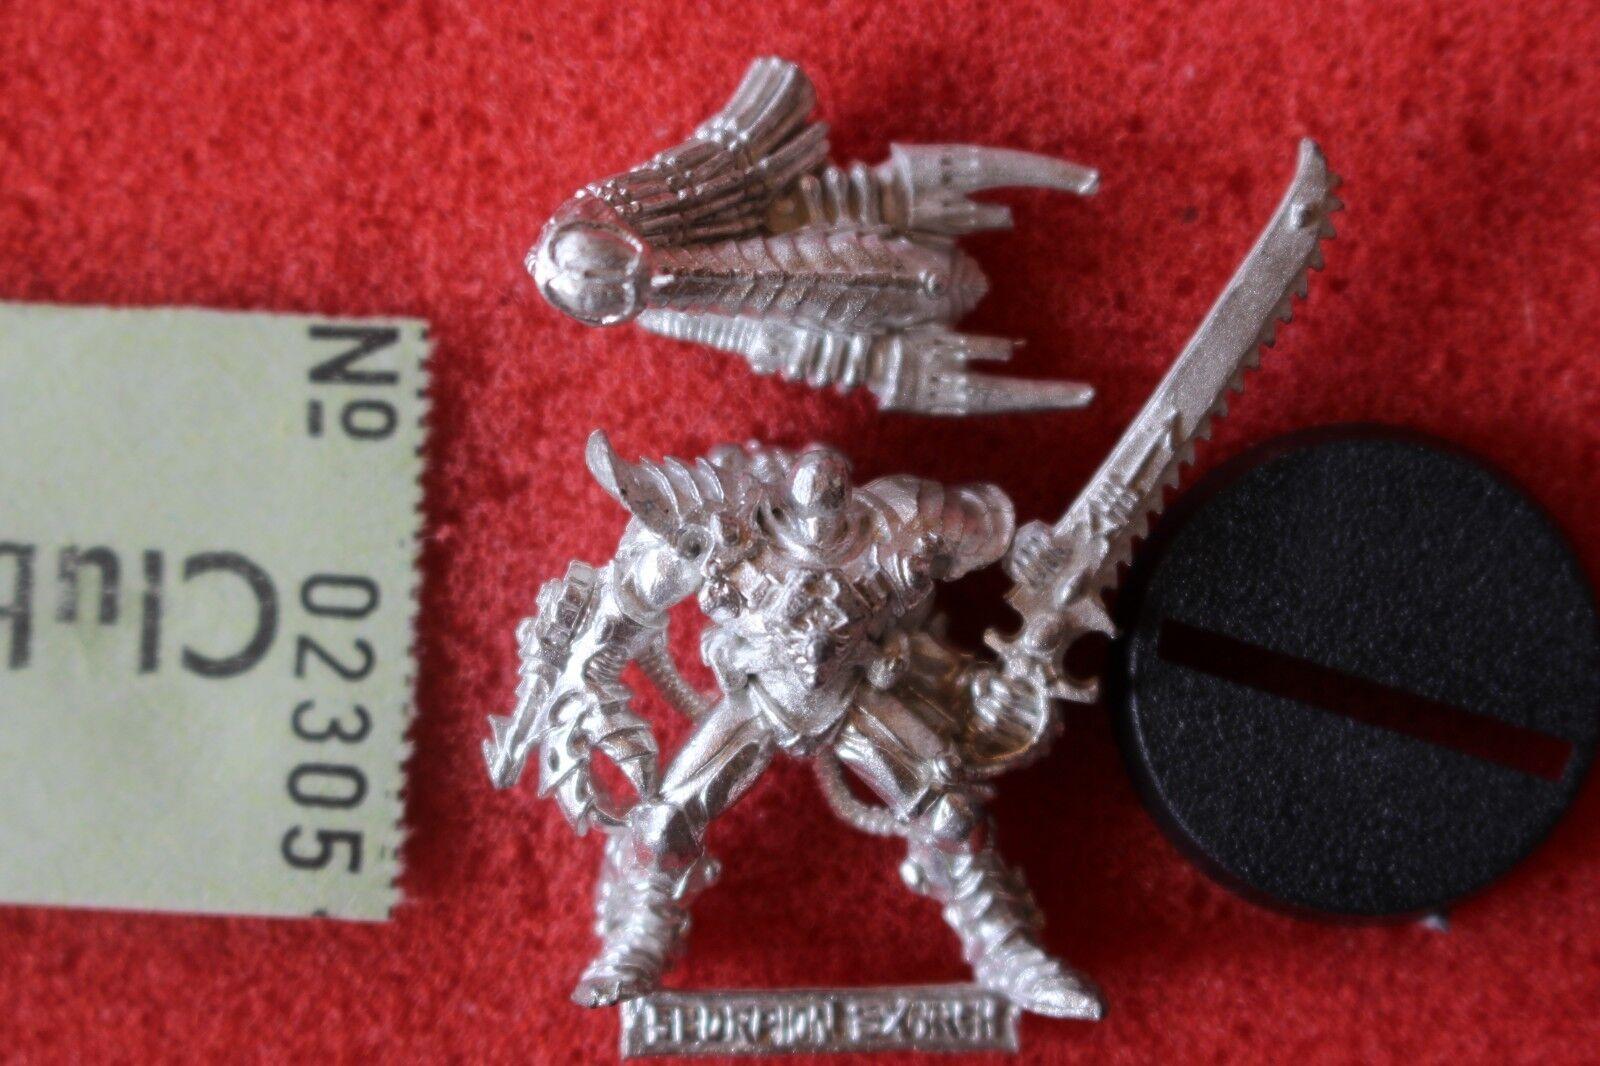 Games Workshop Warhammer 40k Eldar Phoenix Lord Karandras Metal Figure Scorpions